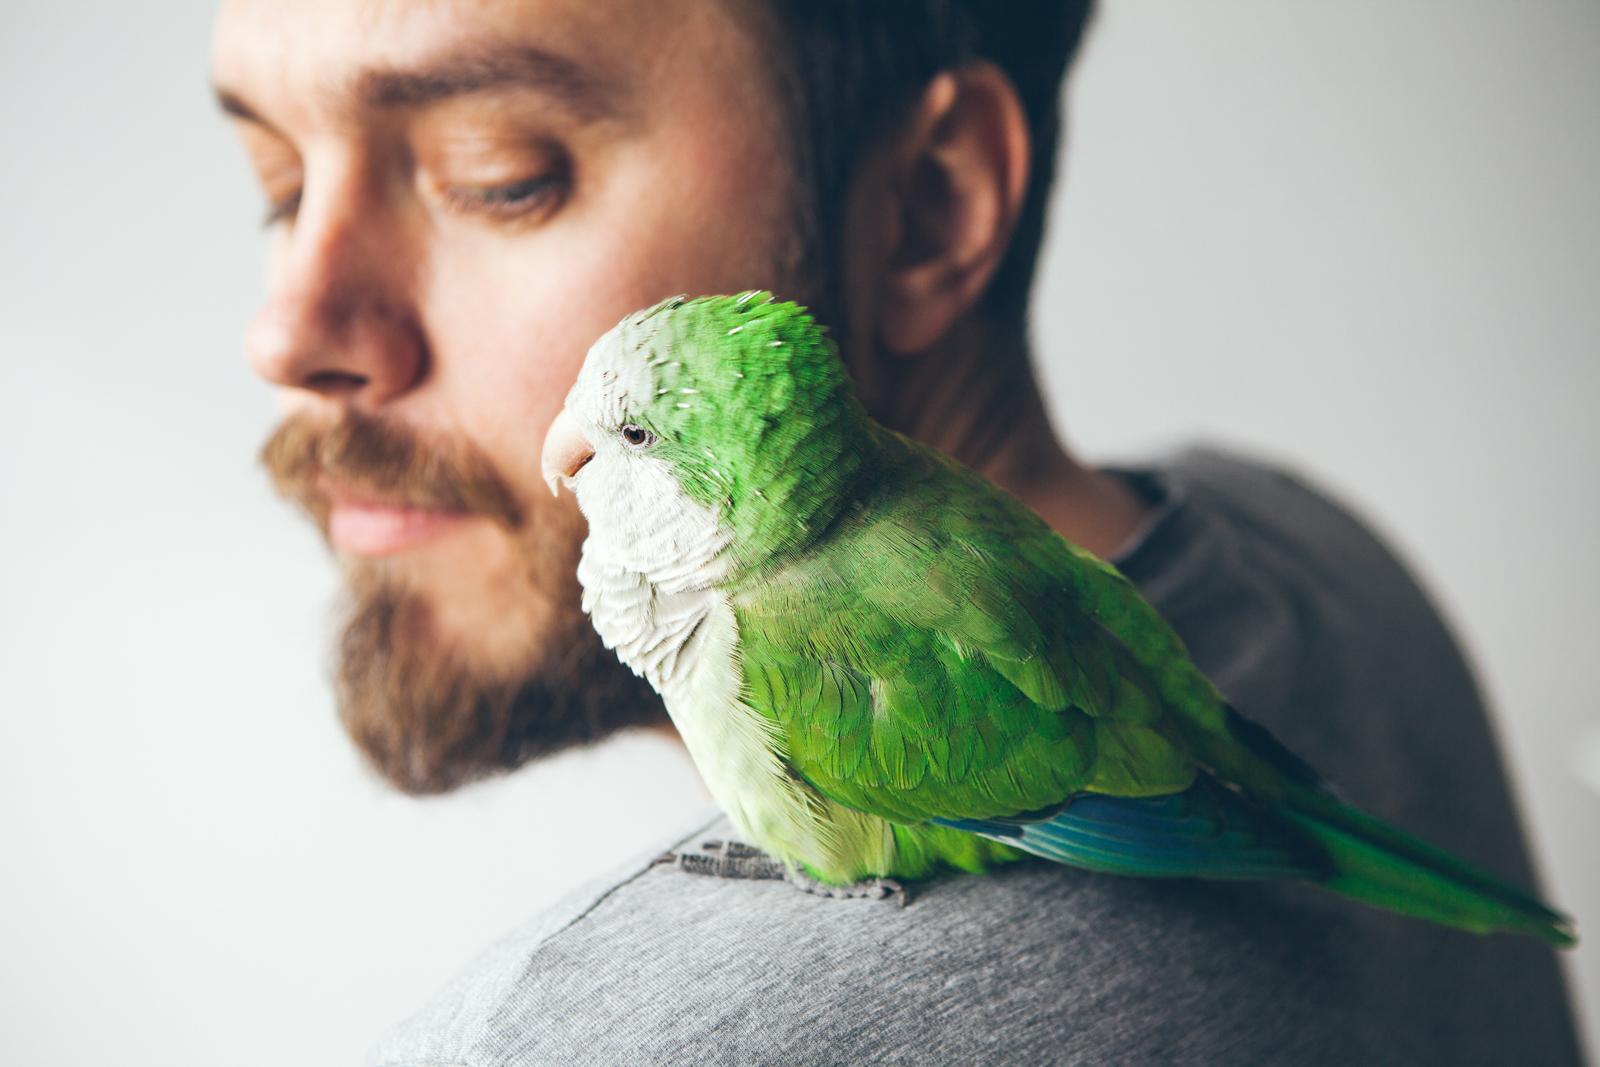 Schwedt Fauna - Heimtier Vogel als Lebensgefährte